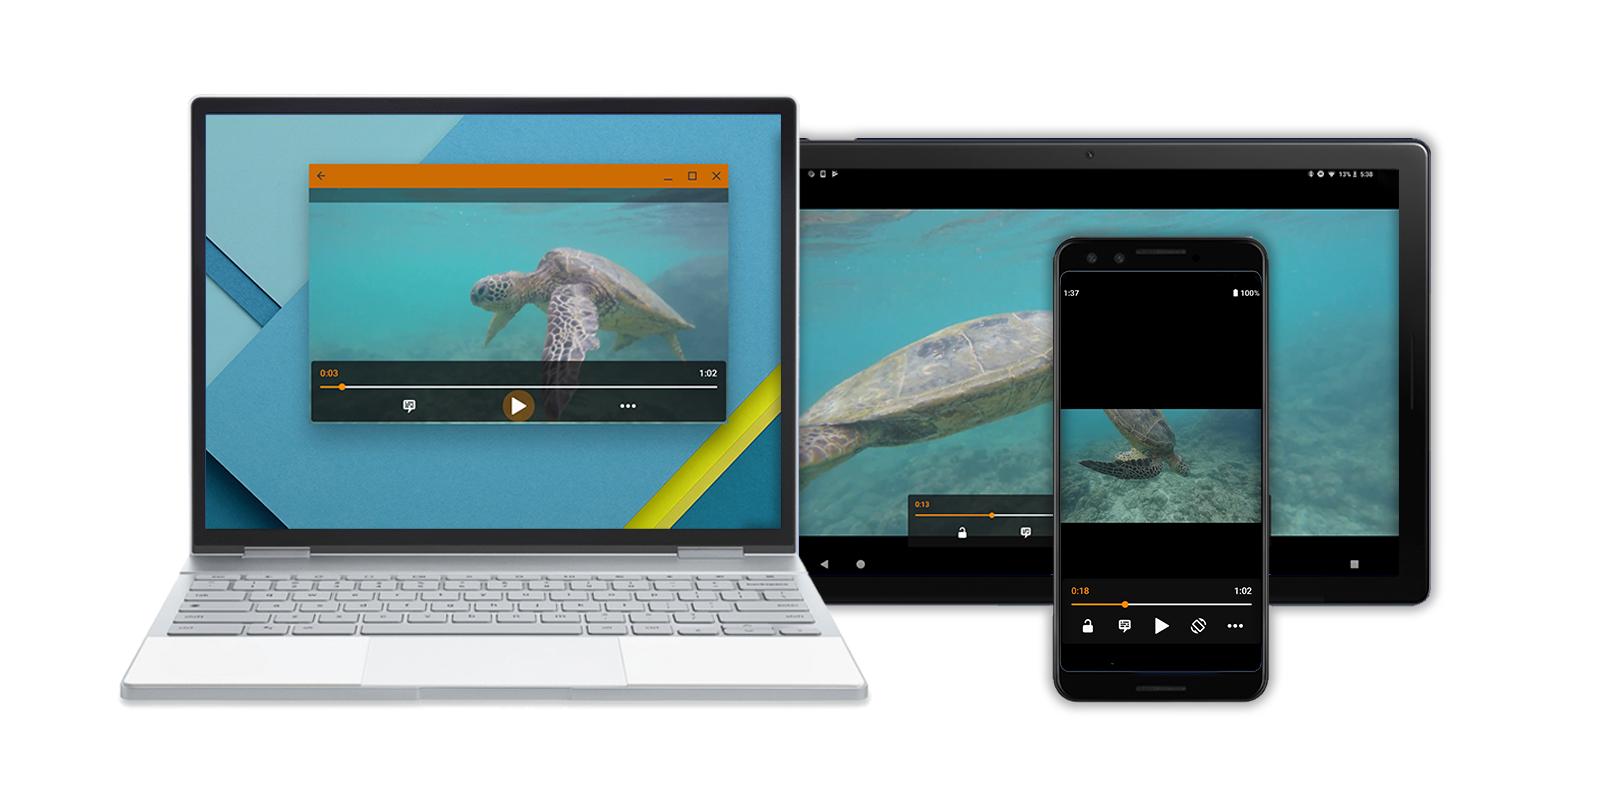 Imagem mostrando várias versões do layout, exemplos de redimensionamento dinâmico em smartphones, tablets e laptops